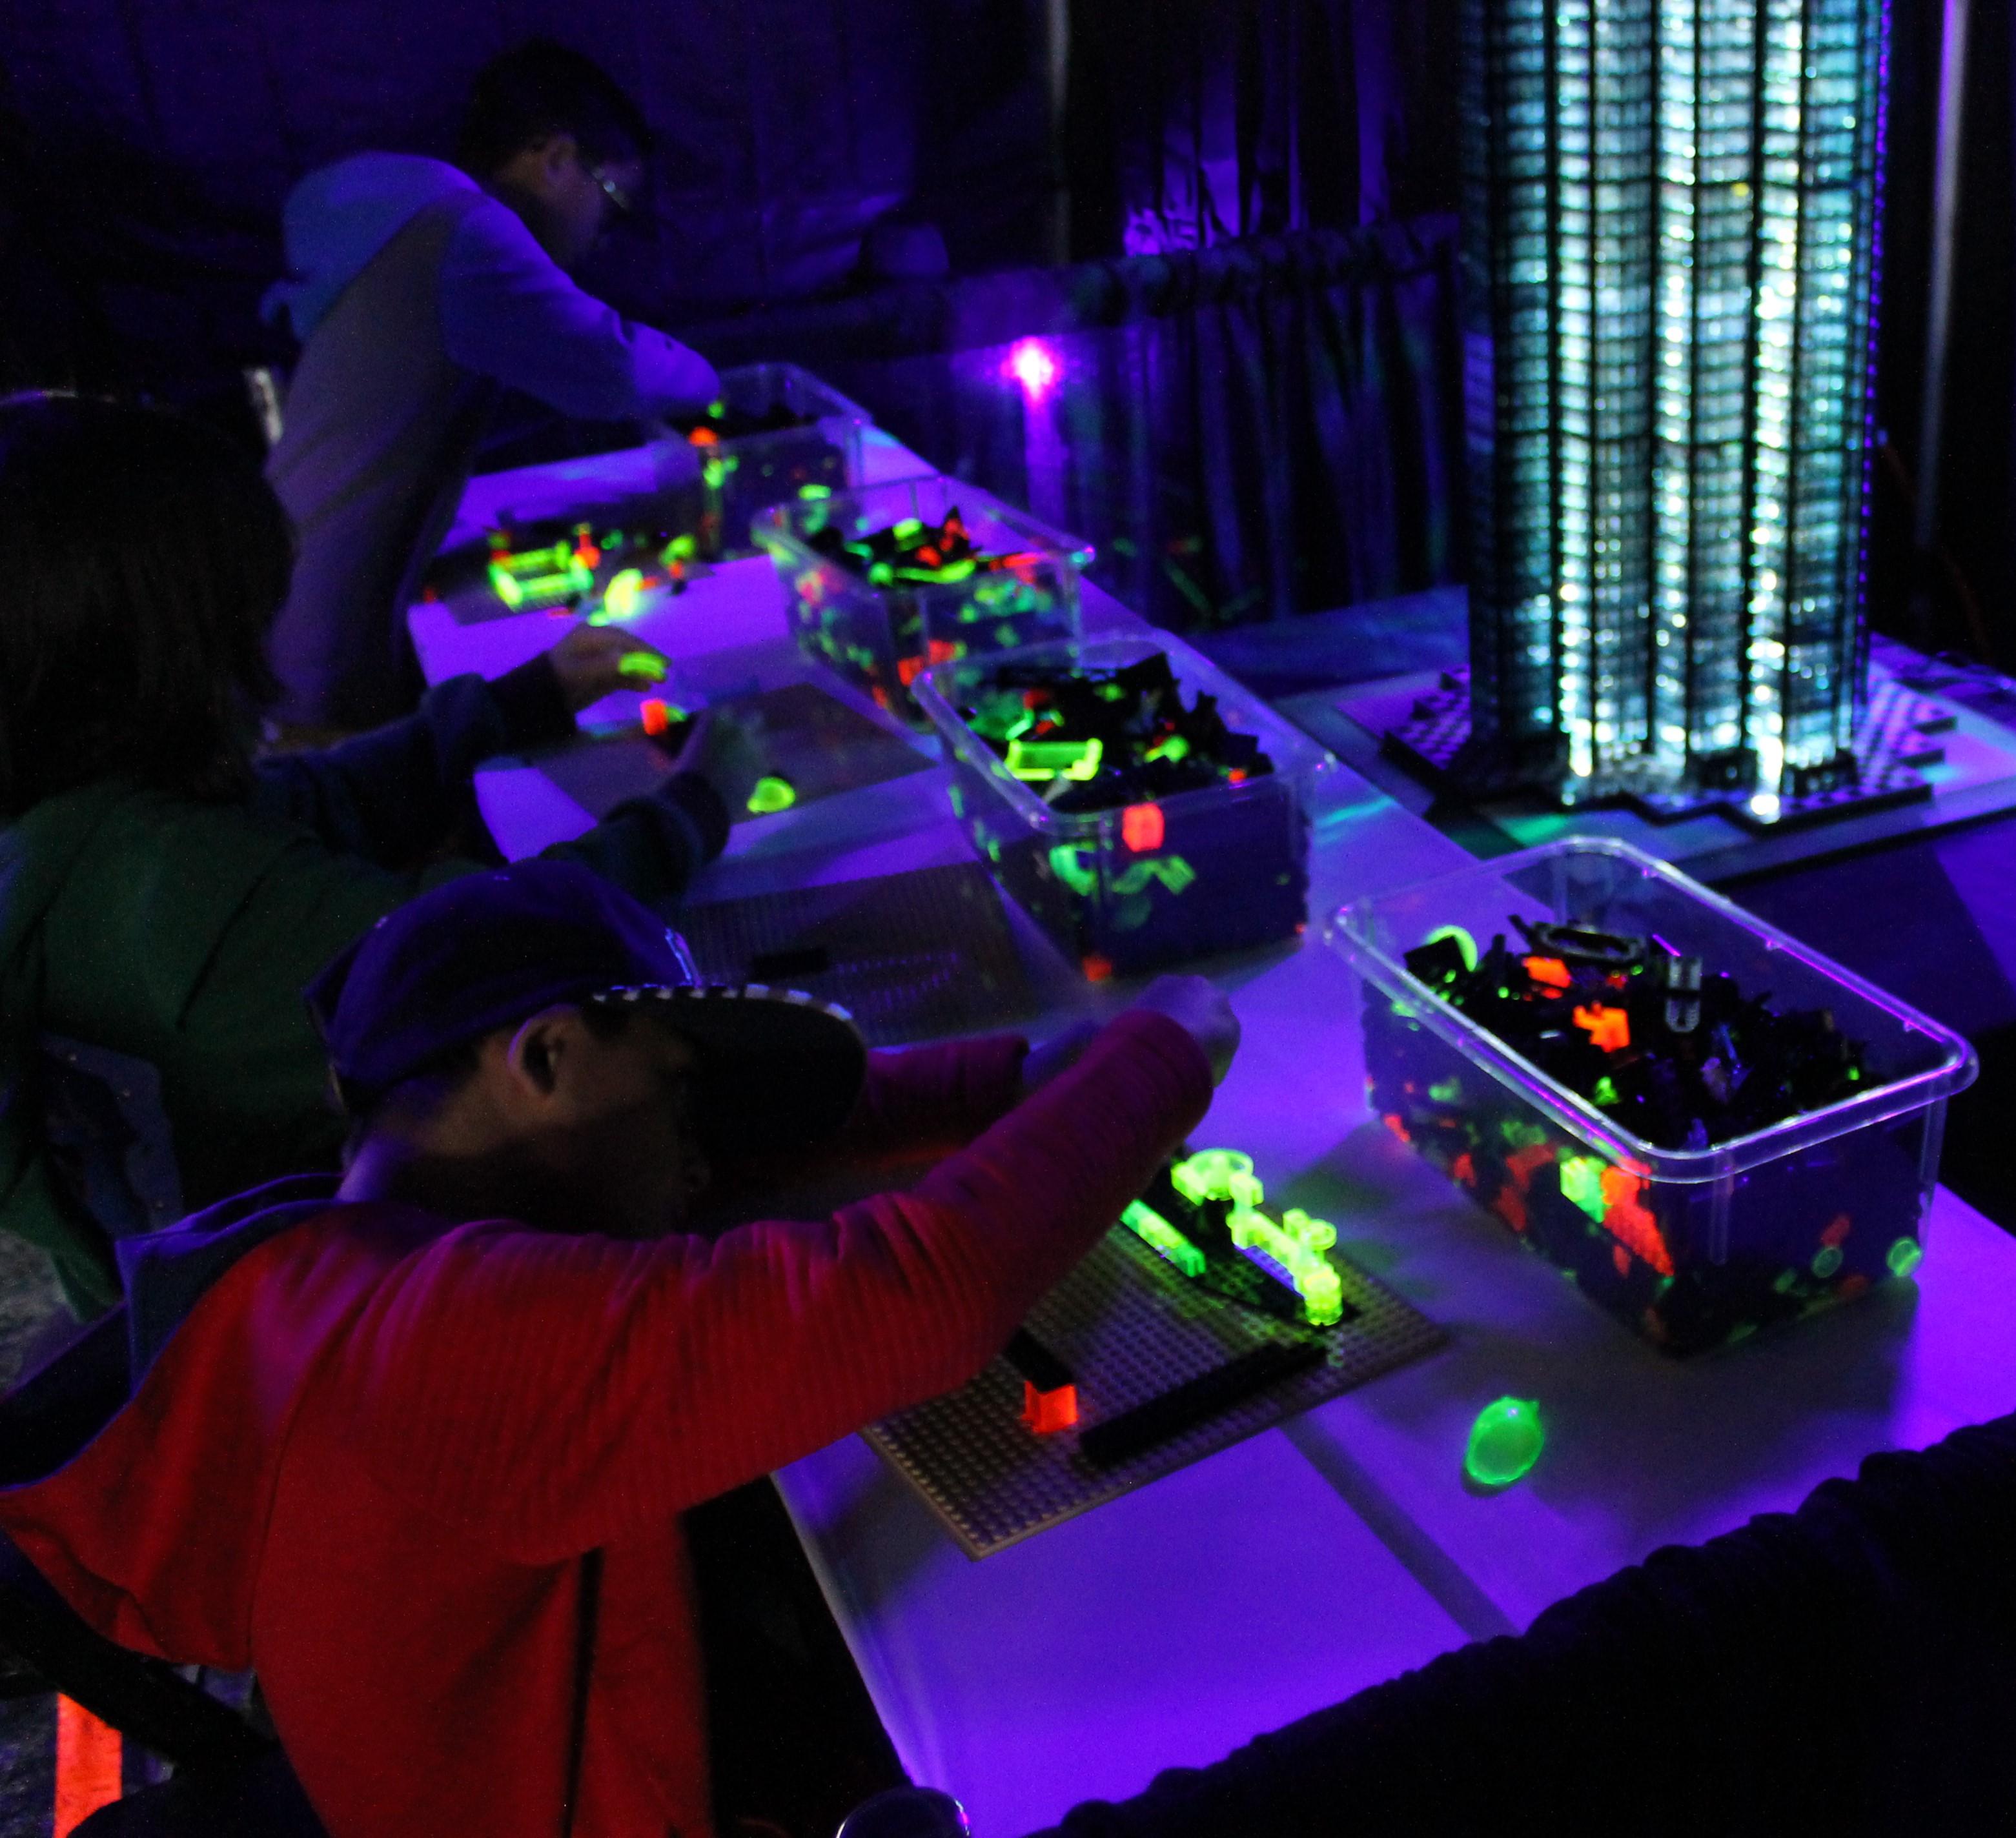 Glowing Lego